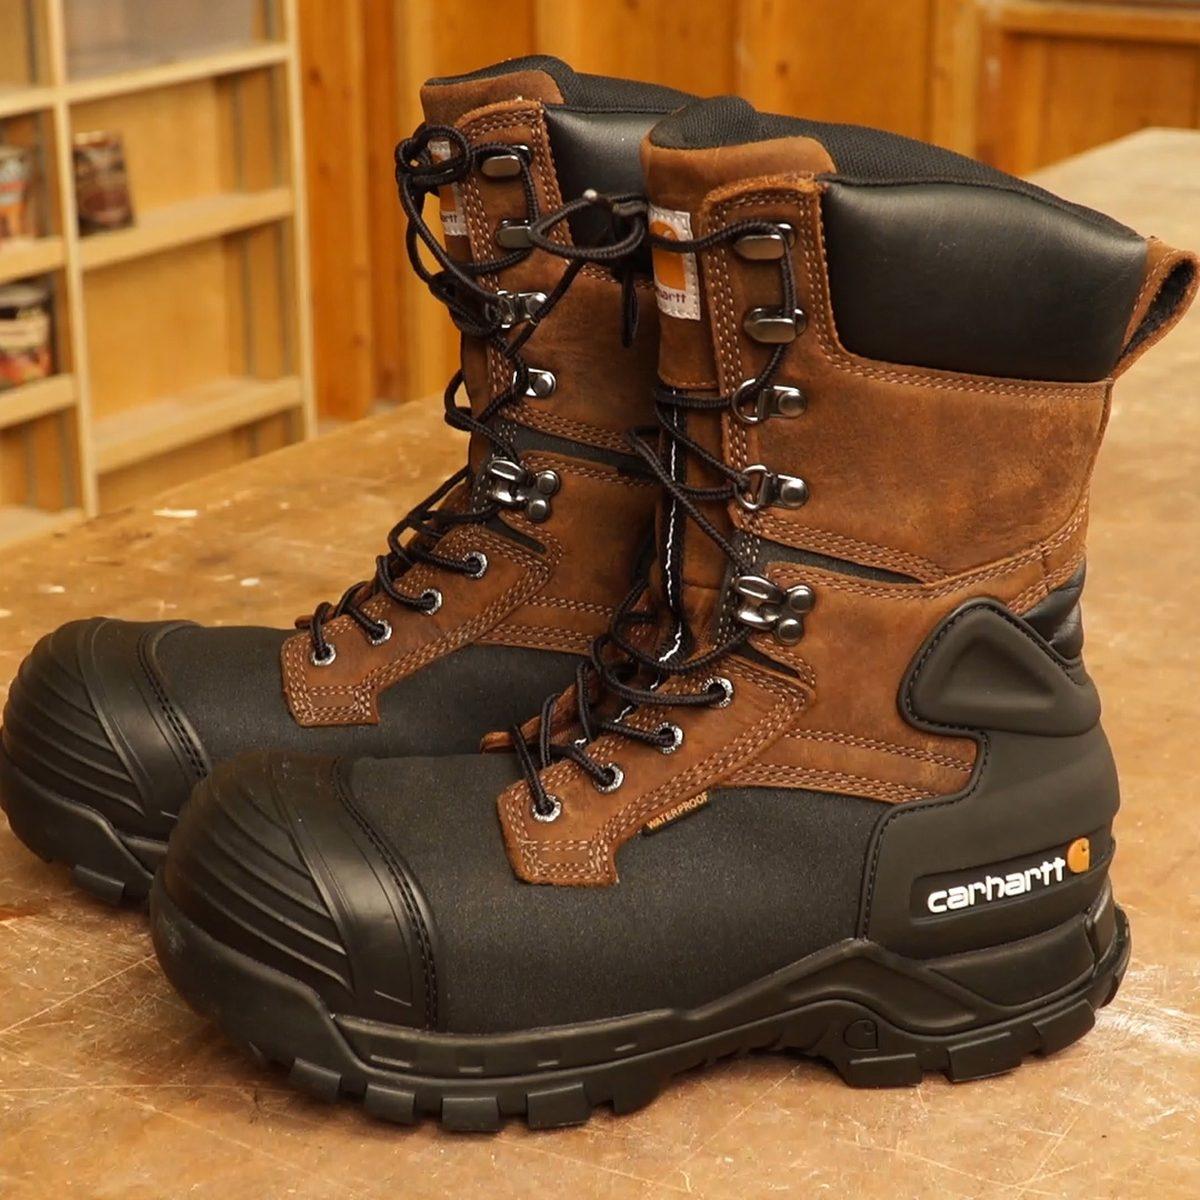 Carhartt-Boot